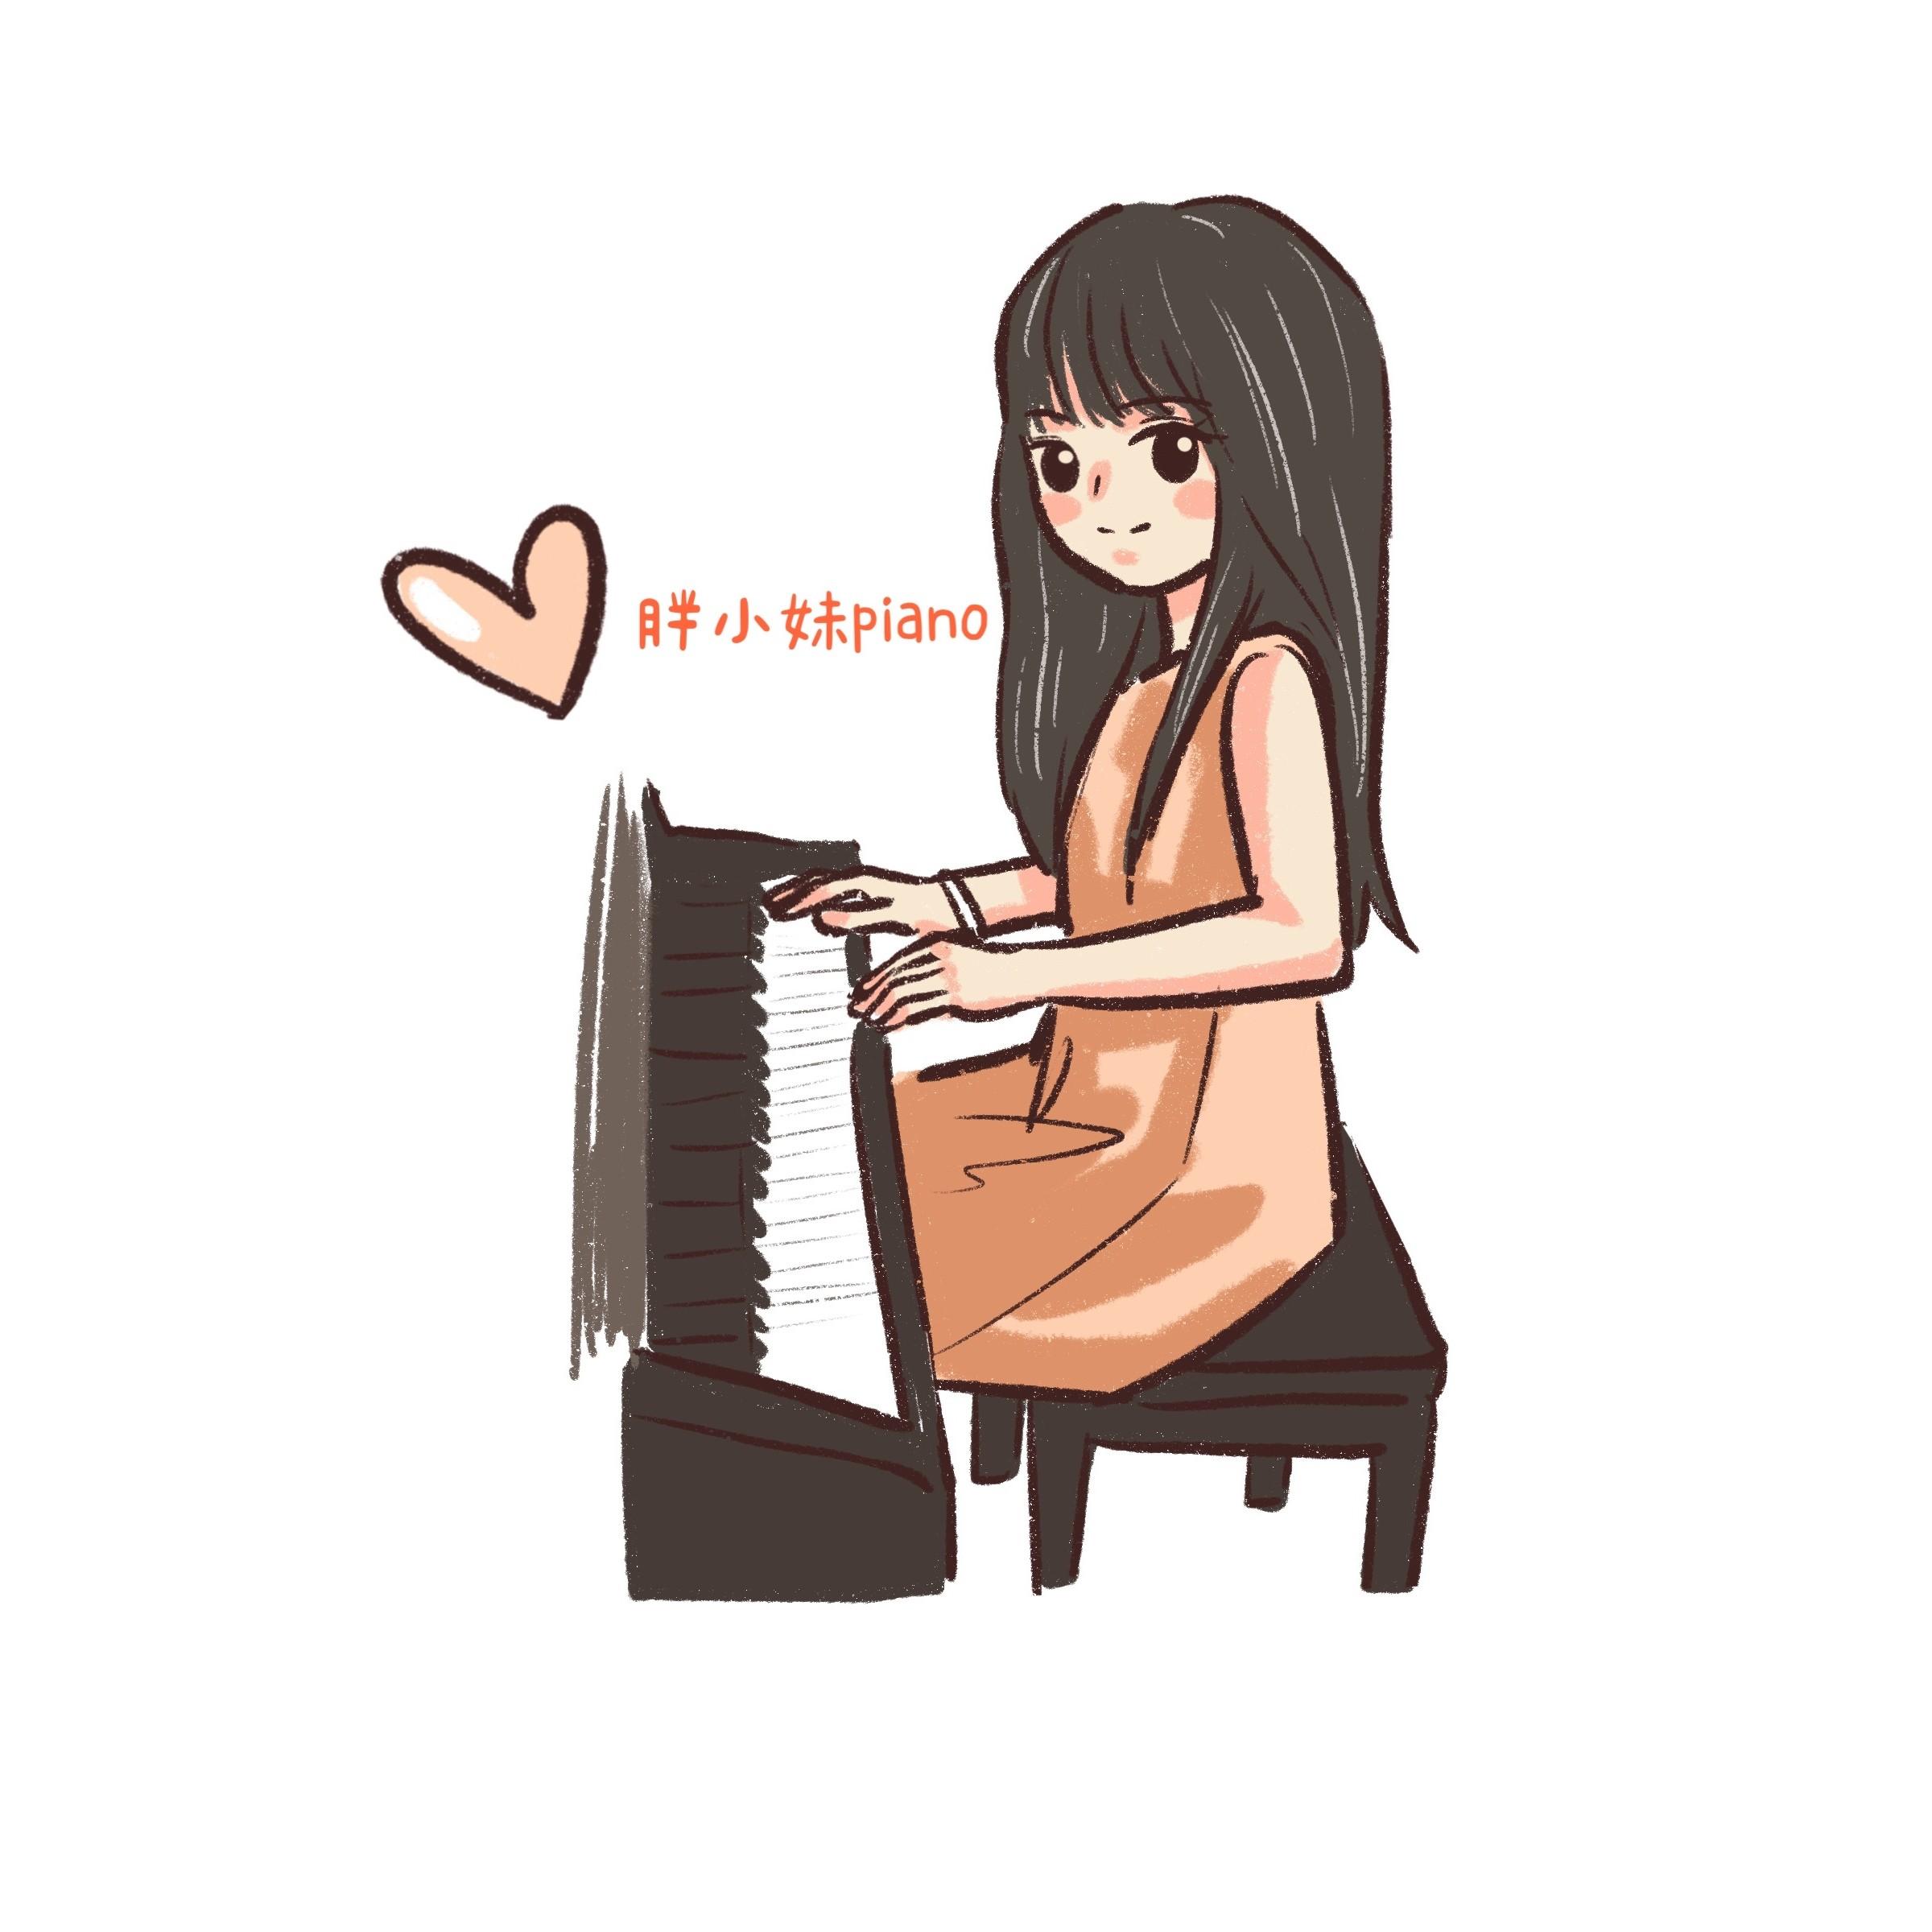 爱弹琴的胖小妹的钢琴谱